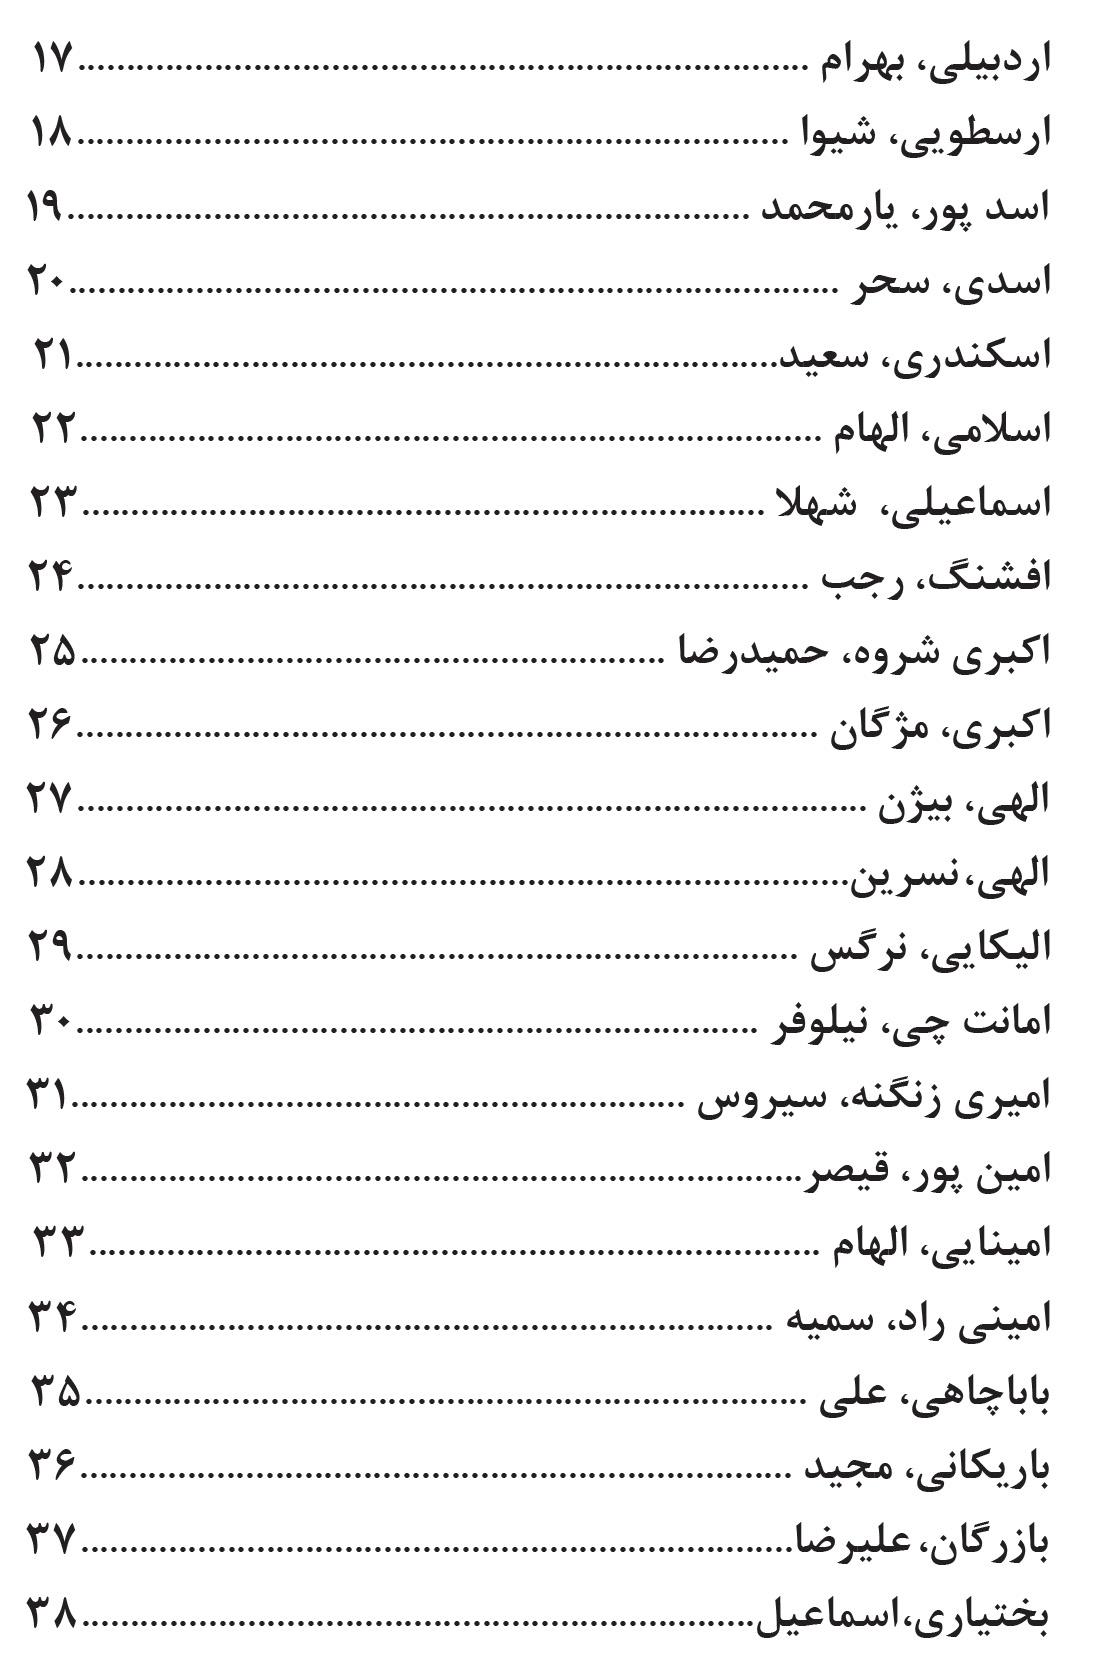 جلد داستان هیا کوتاه با اهالی لیراو